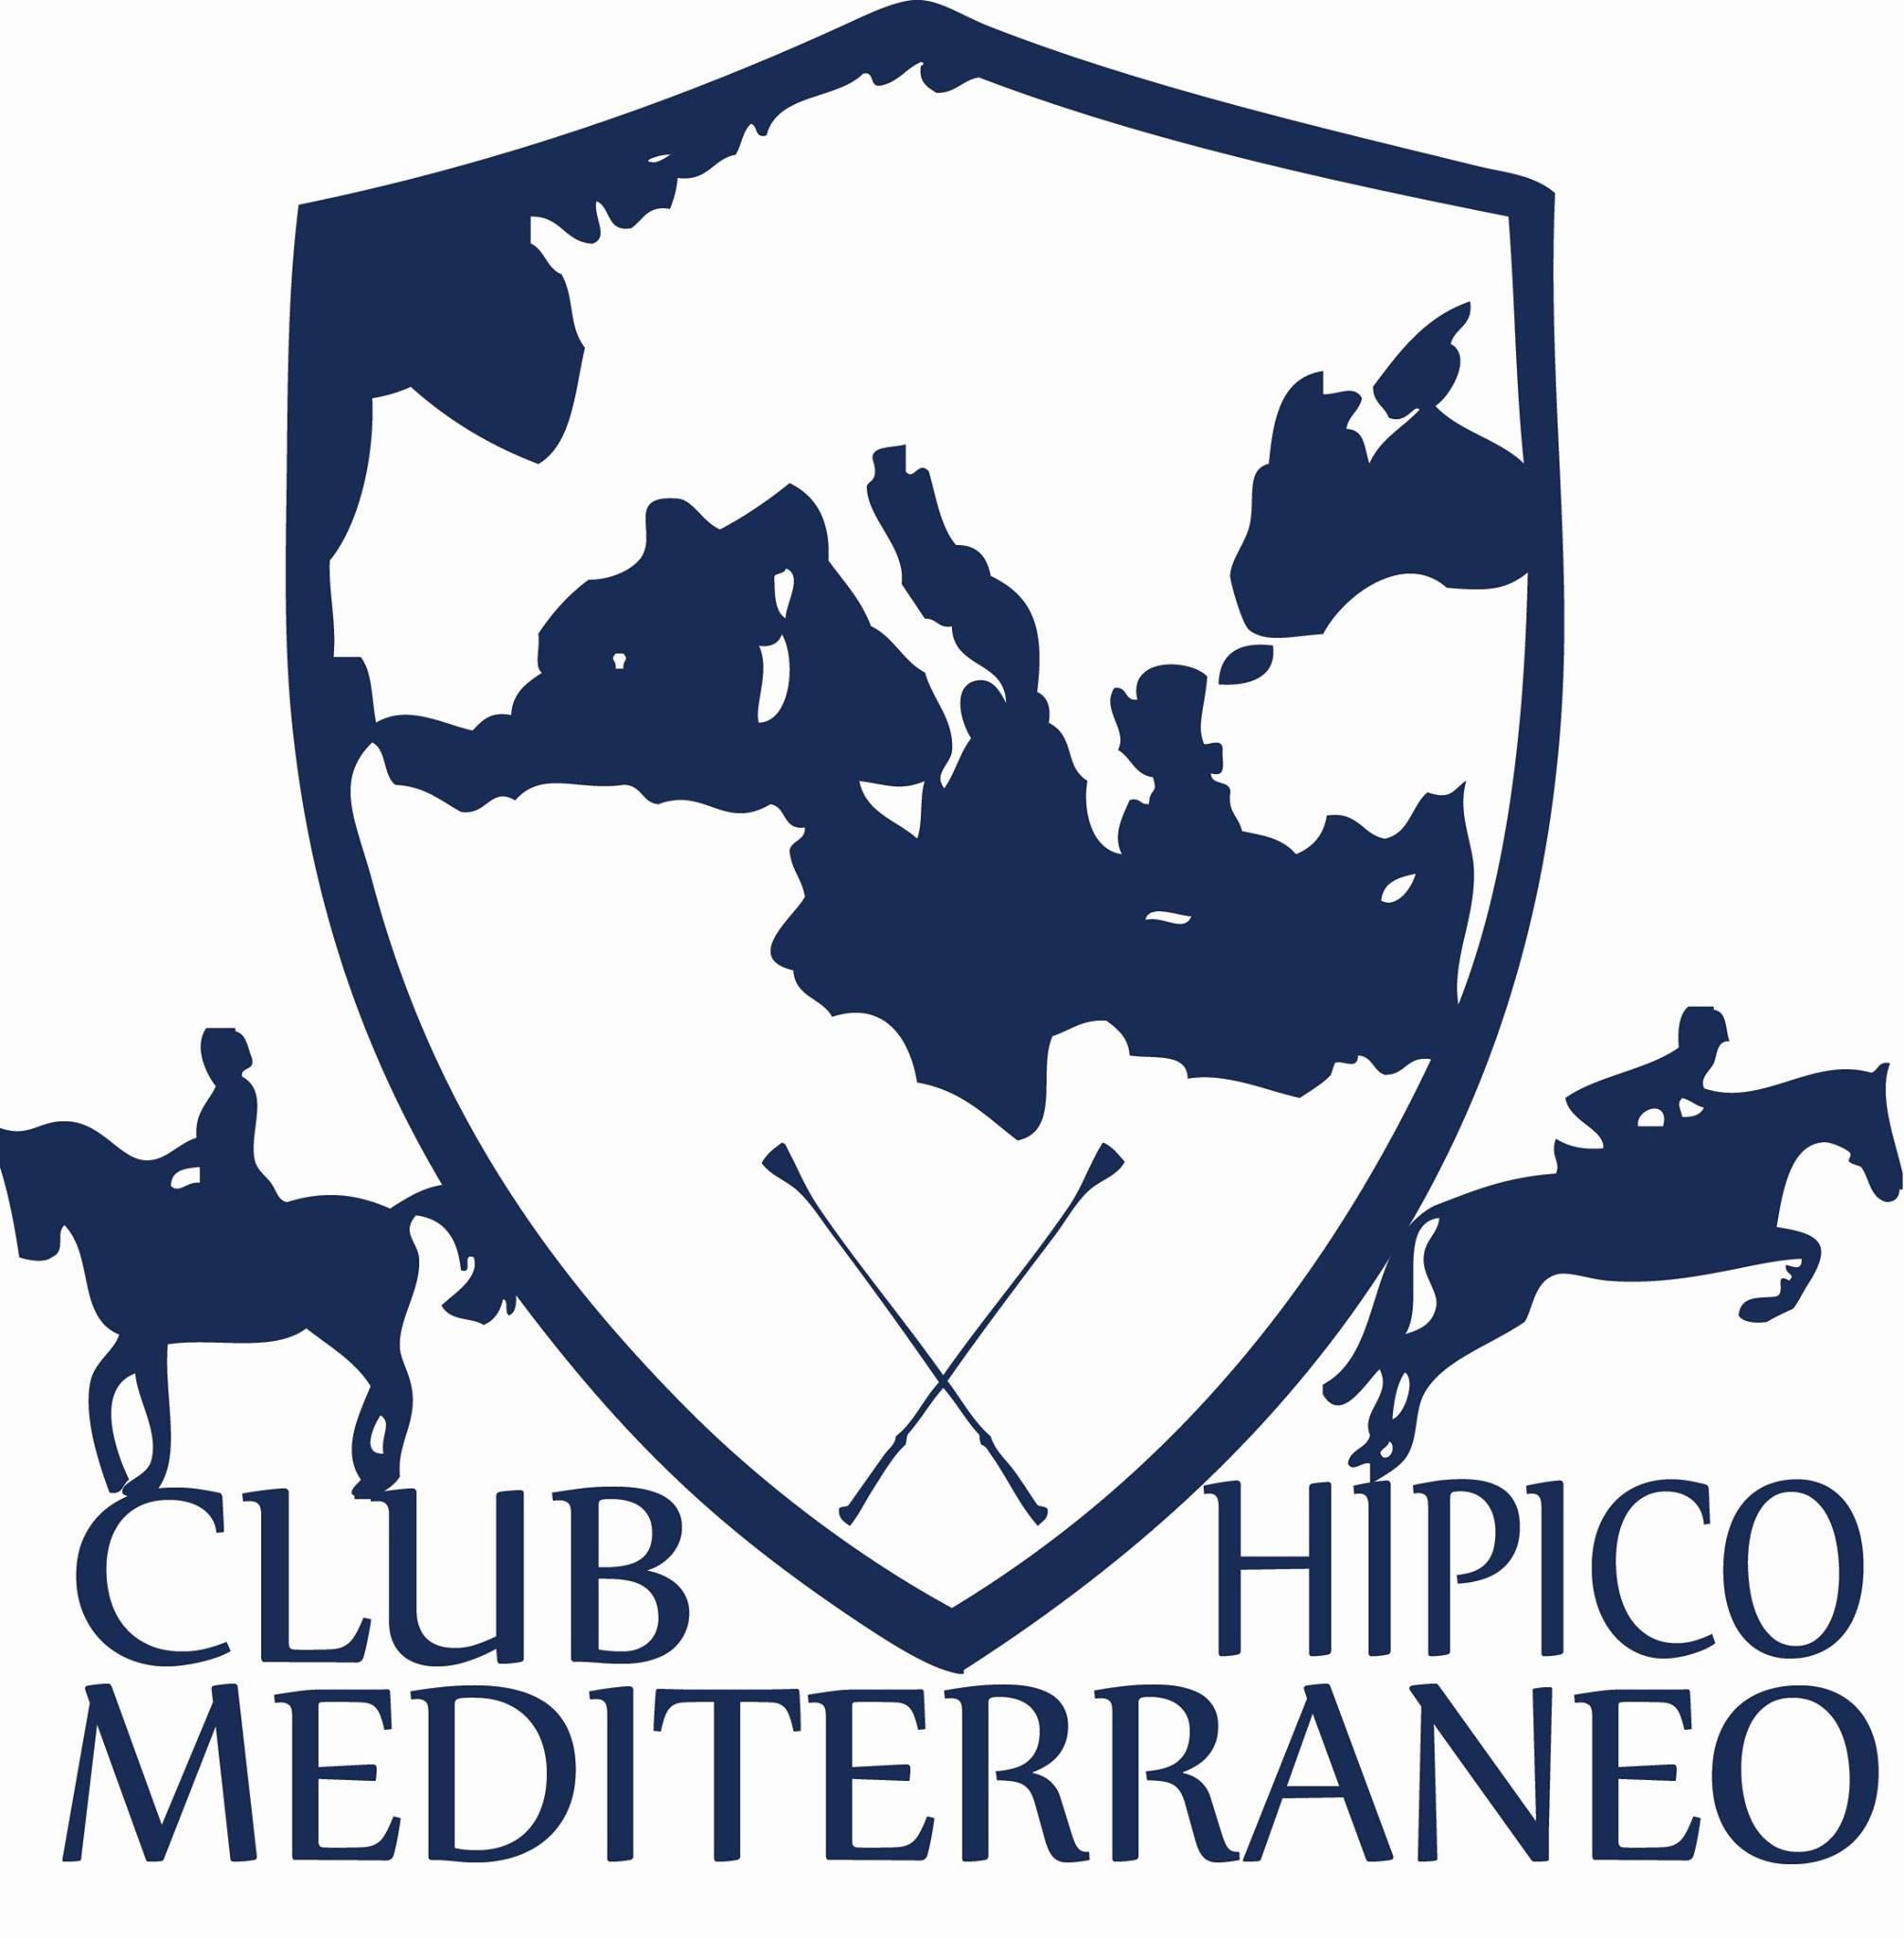 Club Hípico Mediterráneo